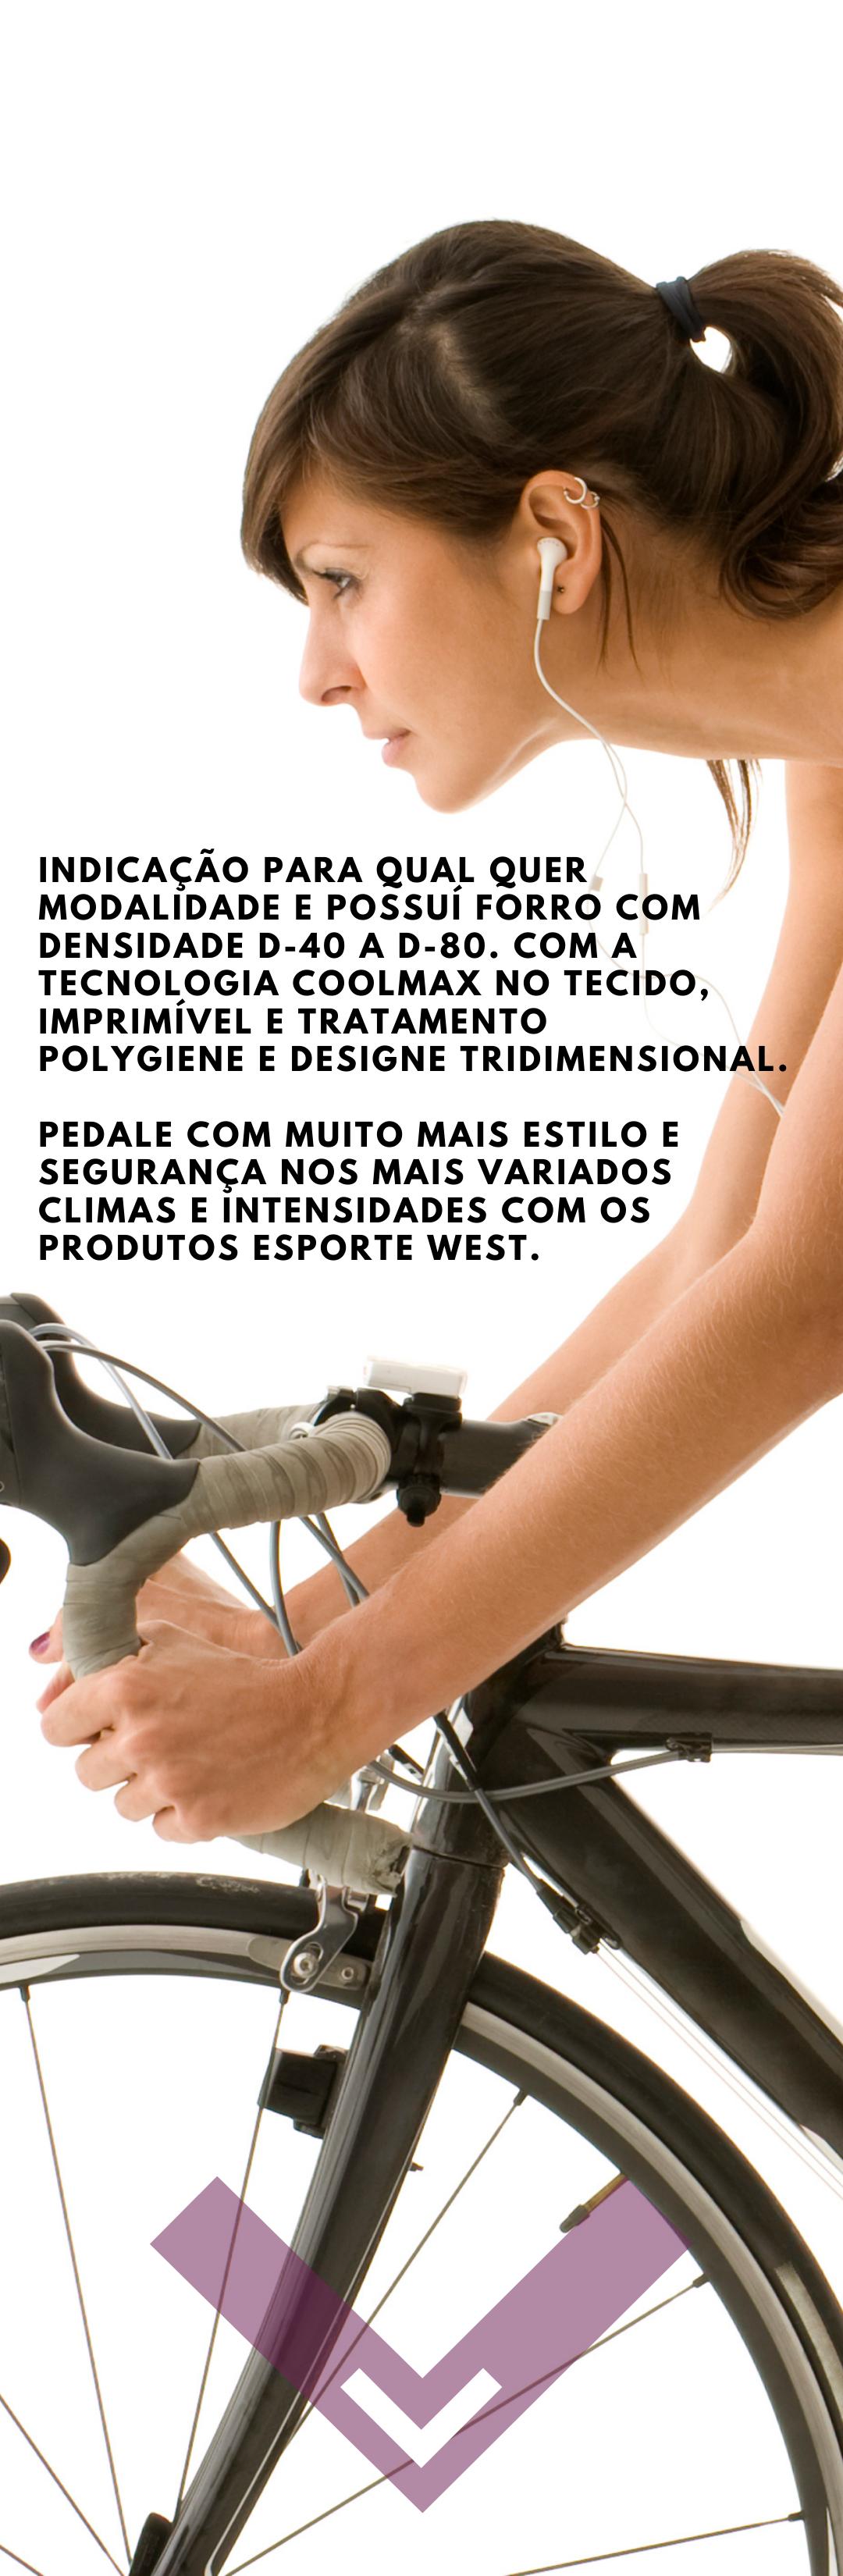 Macaquinho Ciclismo Feminino Glamour Pro 2021